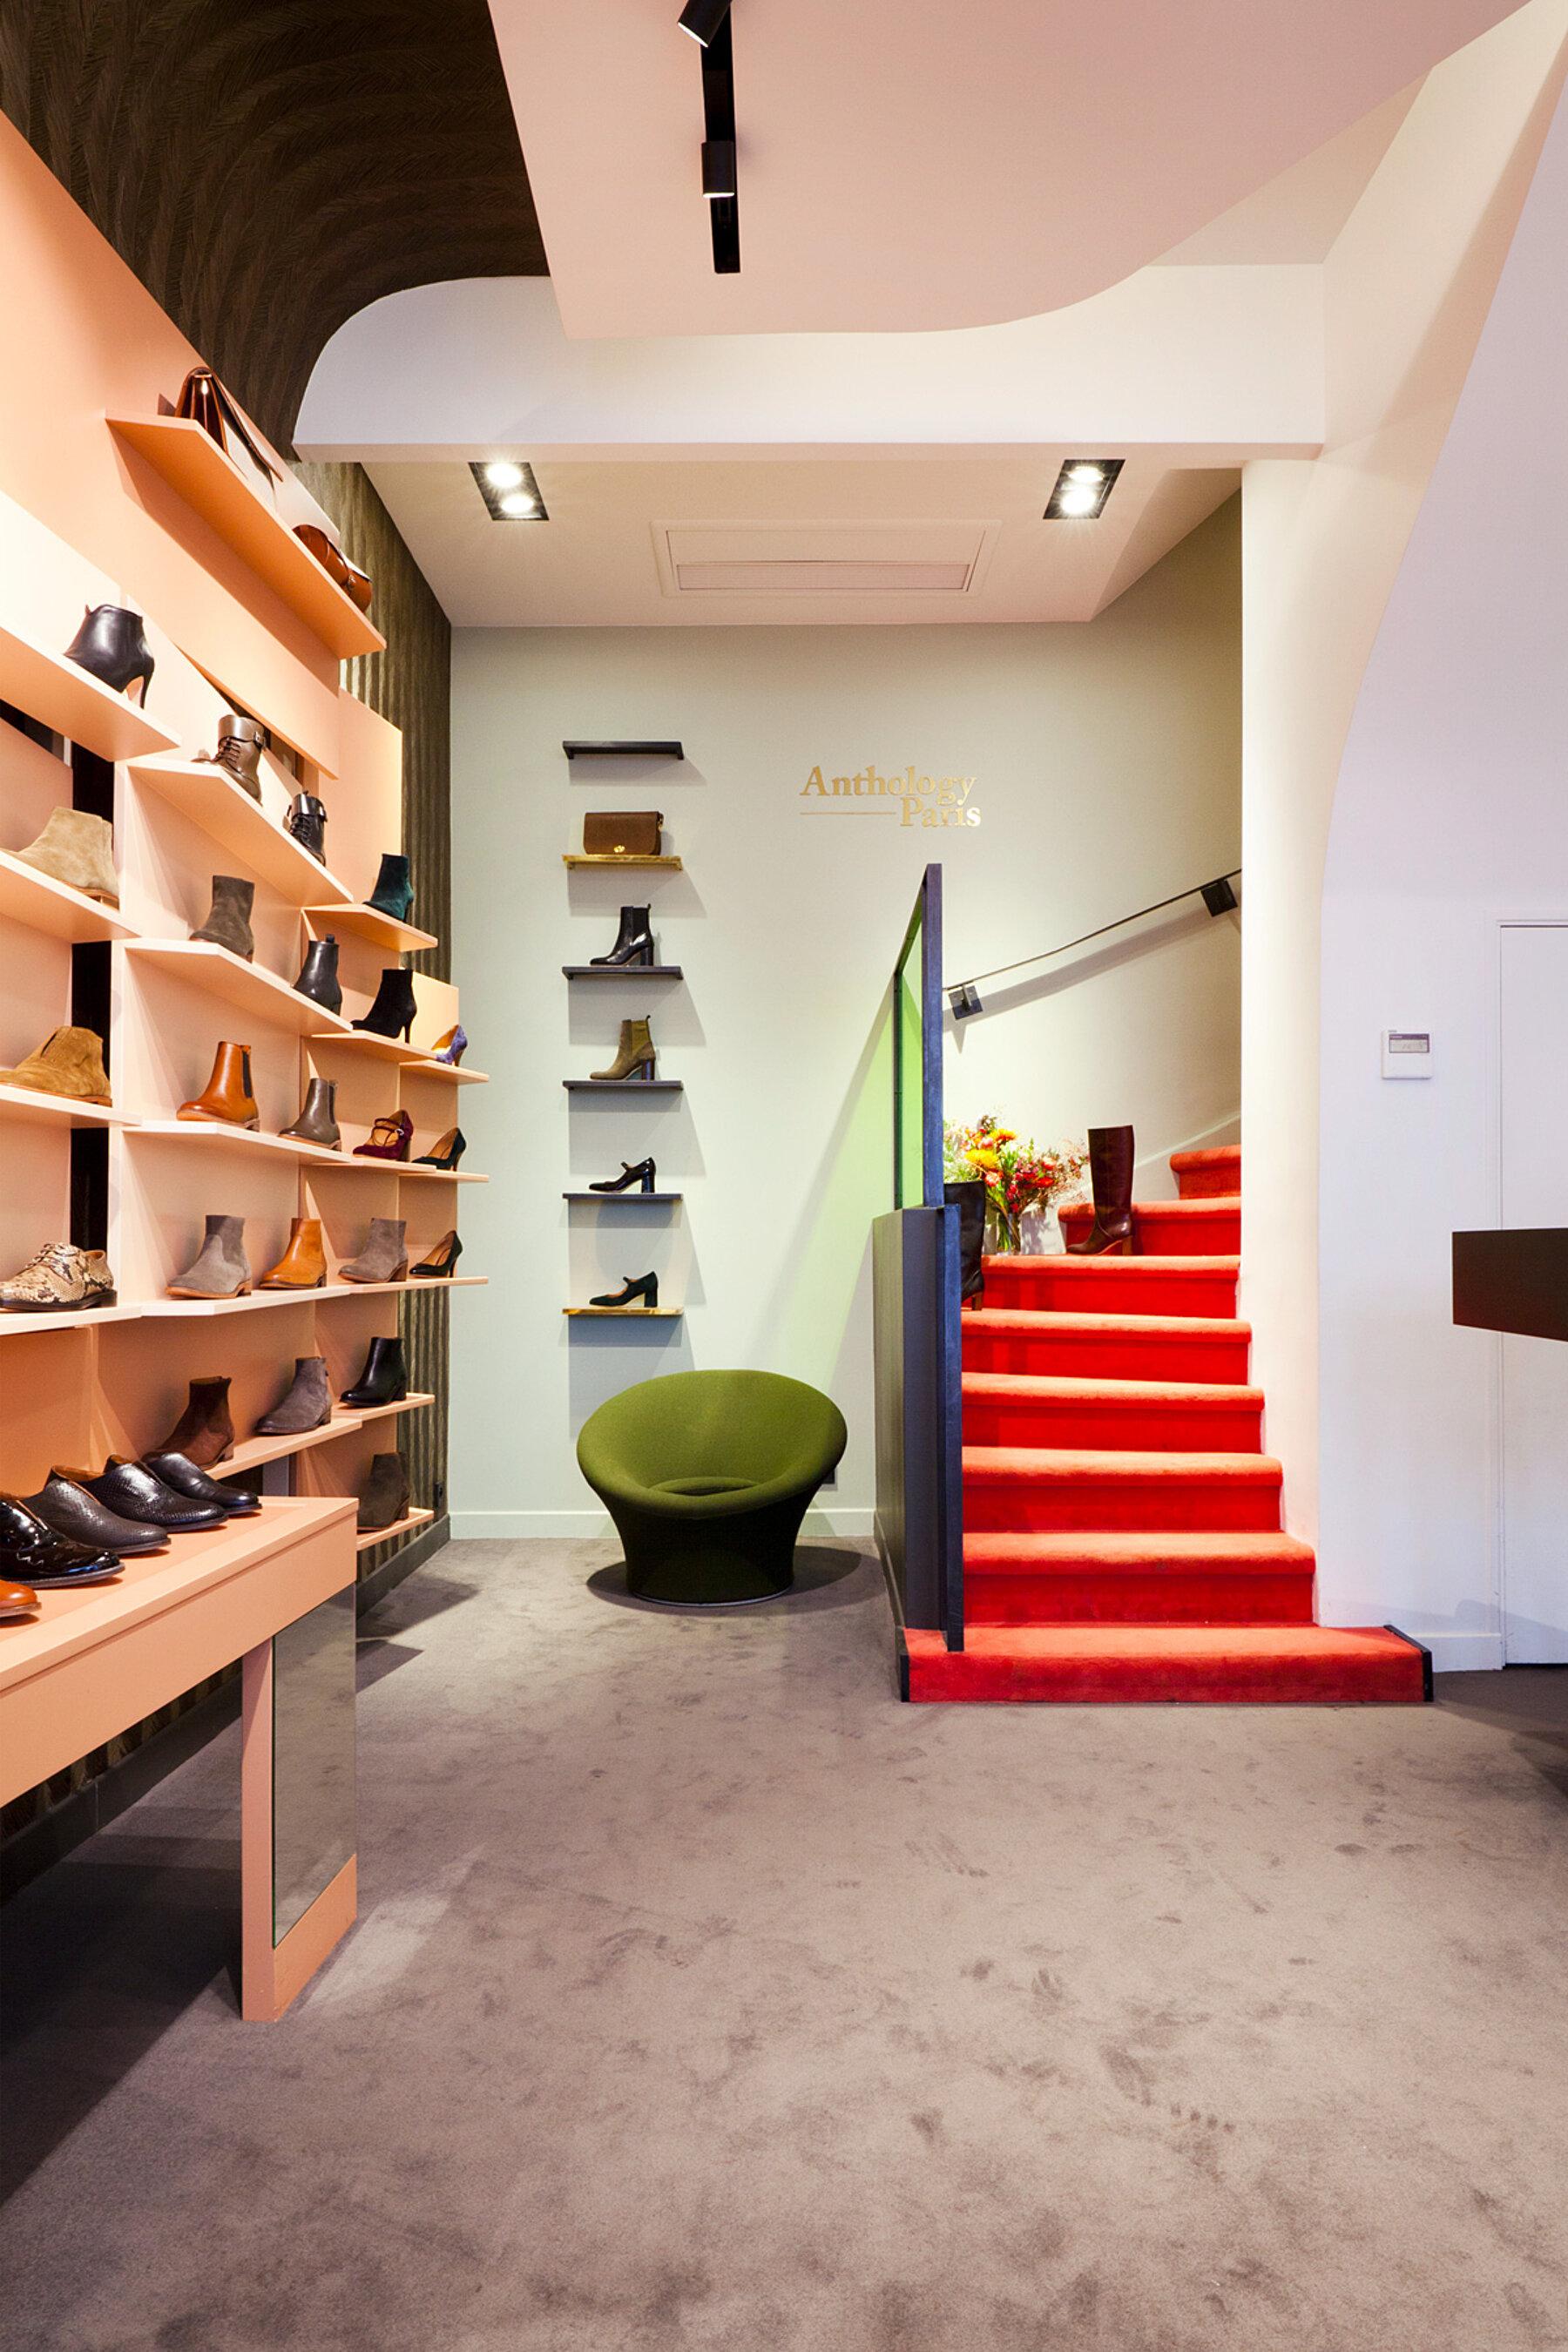 Boutique Anthology Paris - Rue du Cherche-Midi